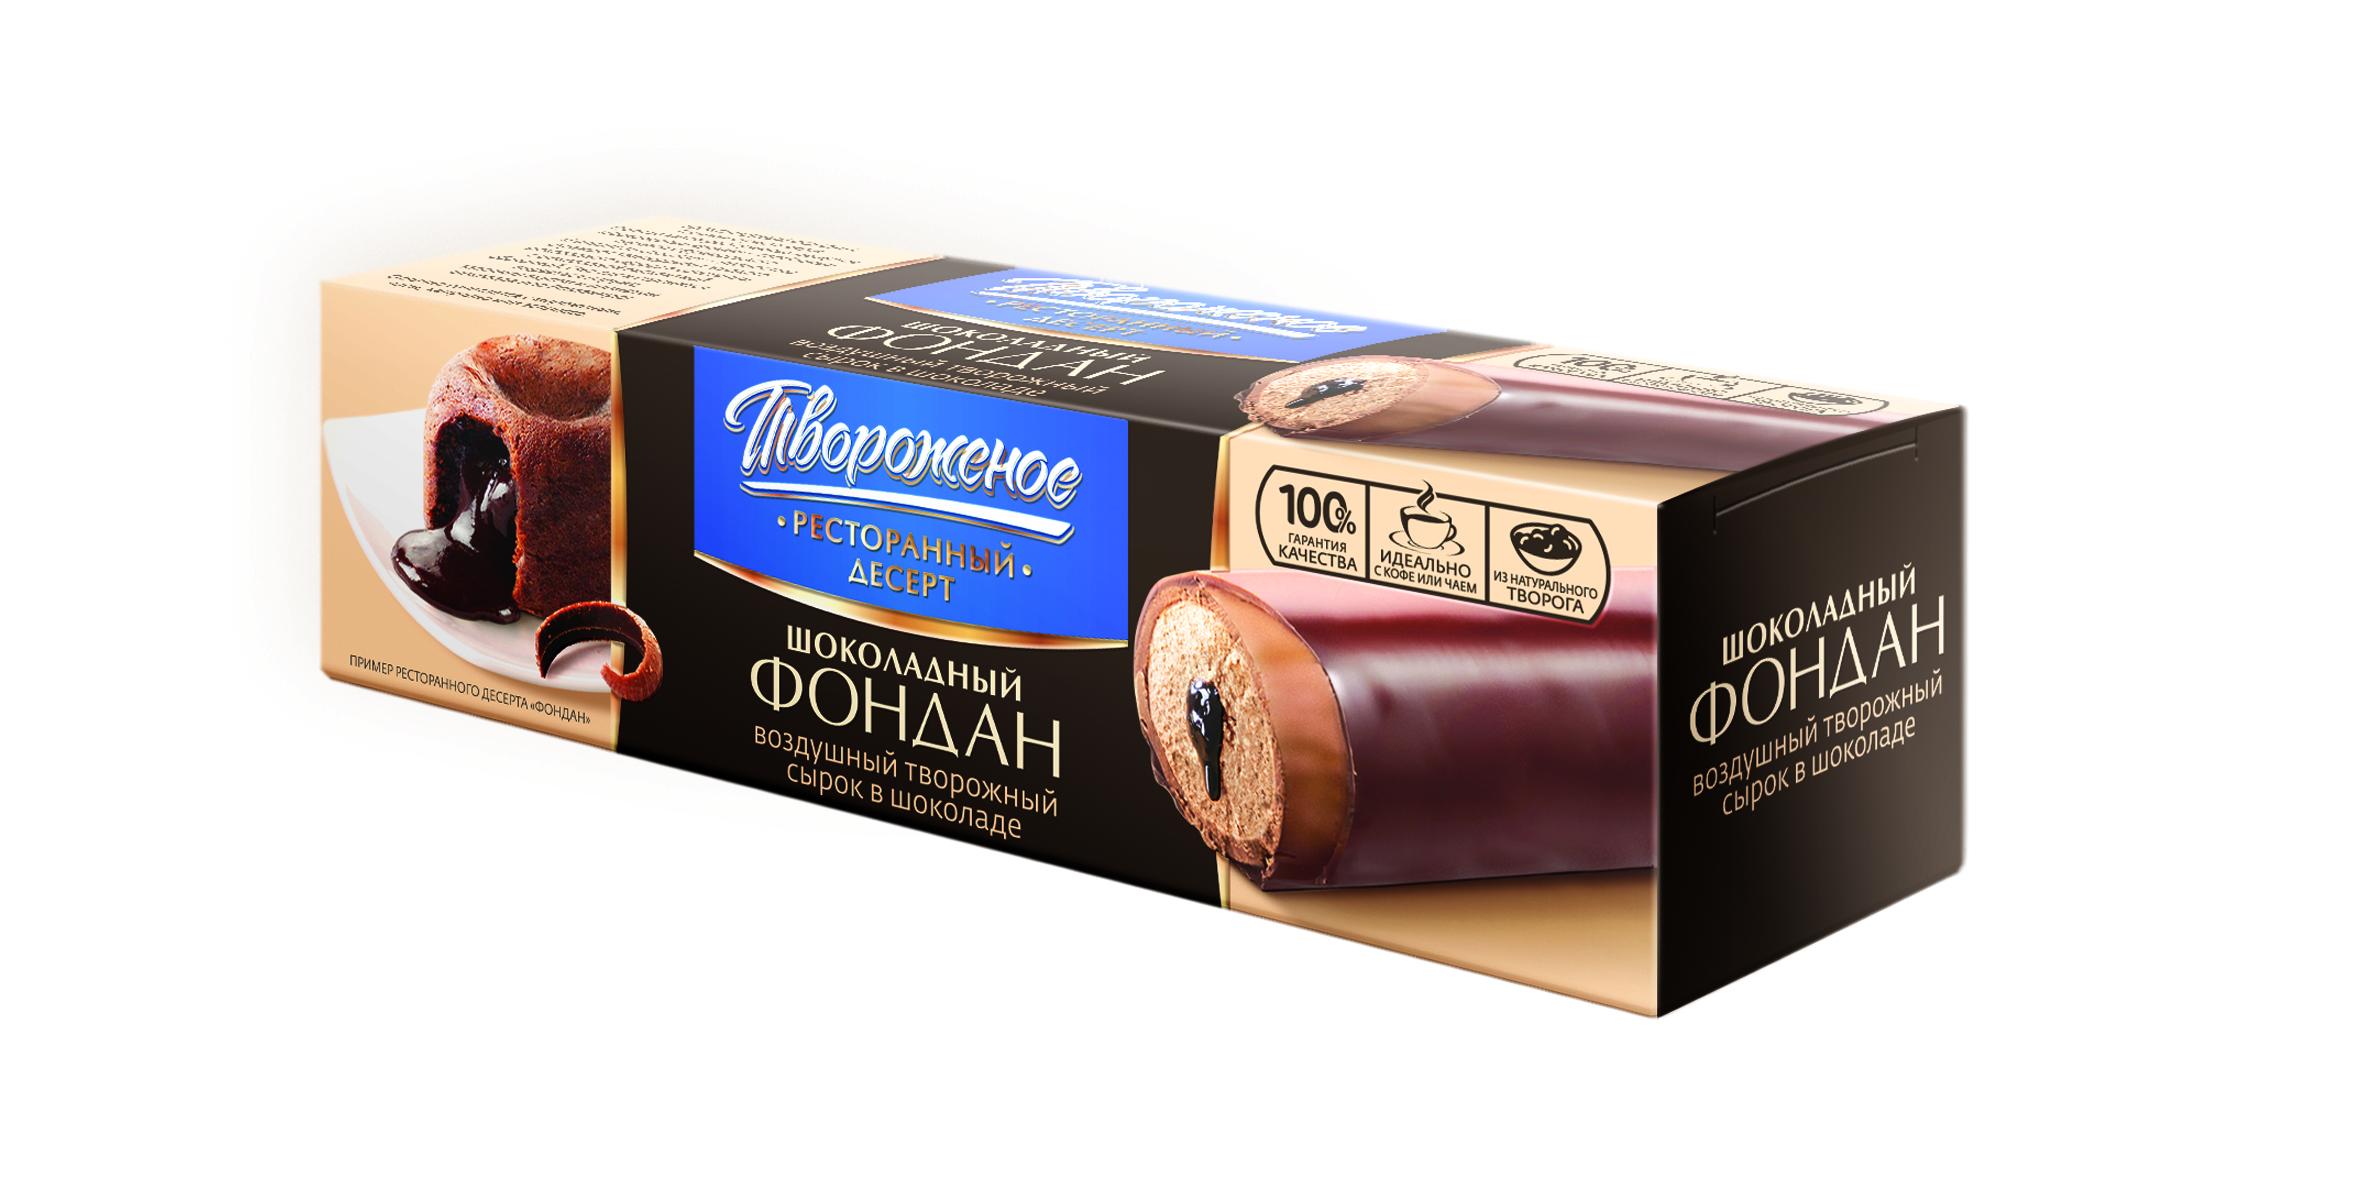 Твороженое Ресторанный десерт Шоколадный Фондан воздушный творожный сырок в шоколаде 15%, 55 г шоколадный слиток молочный десертный 500 г